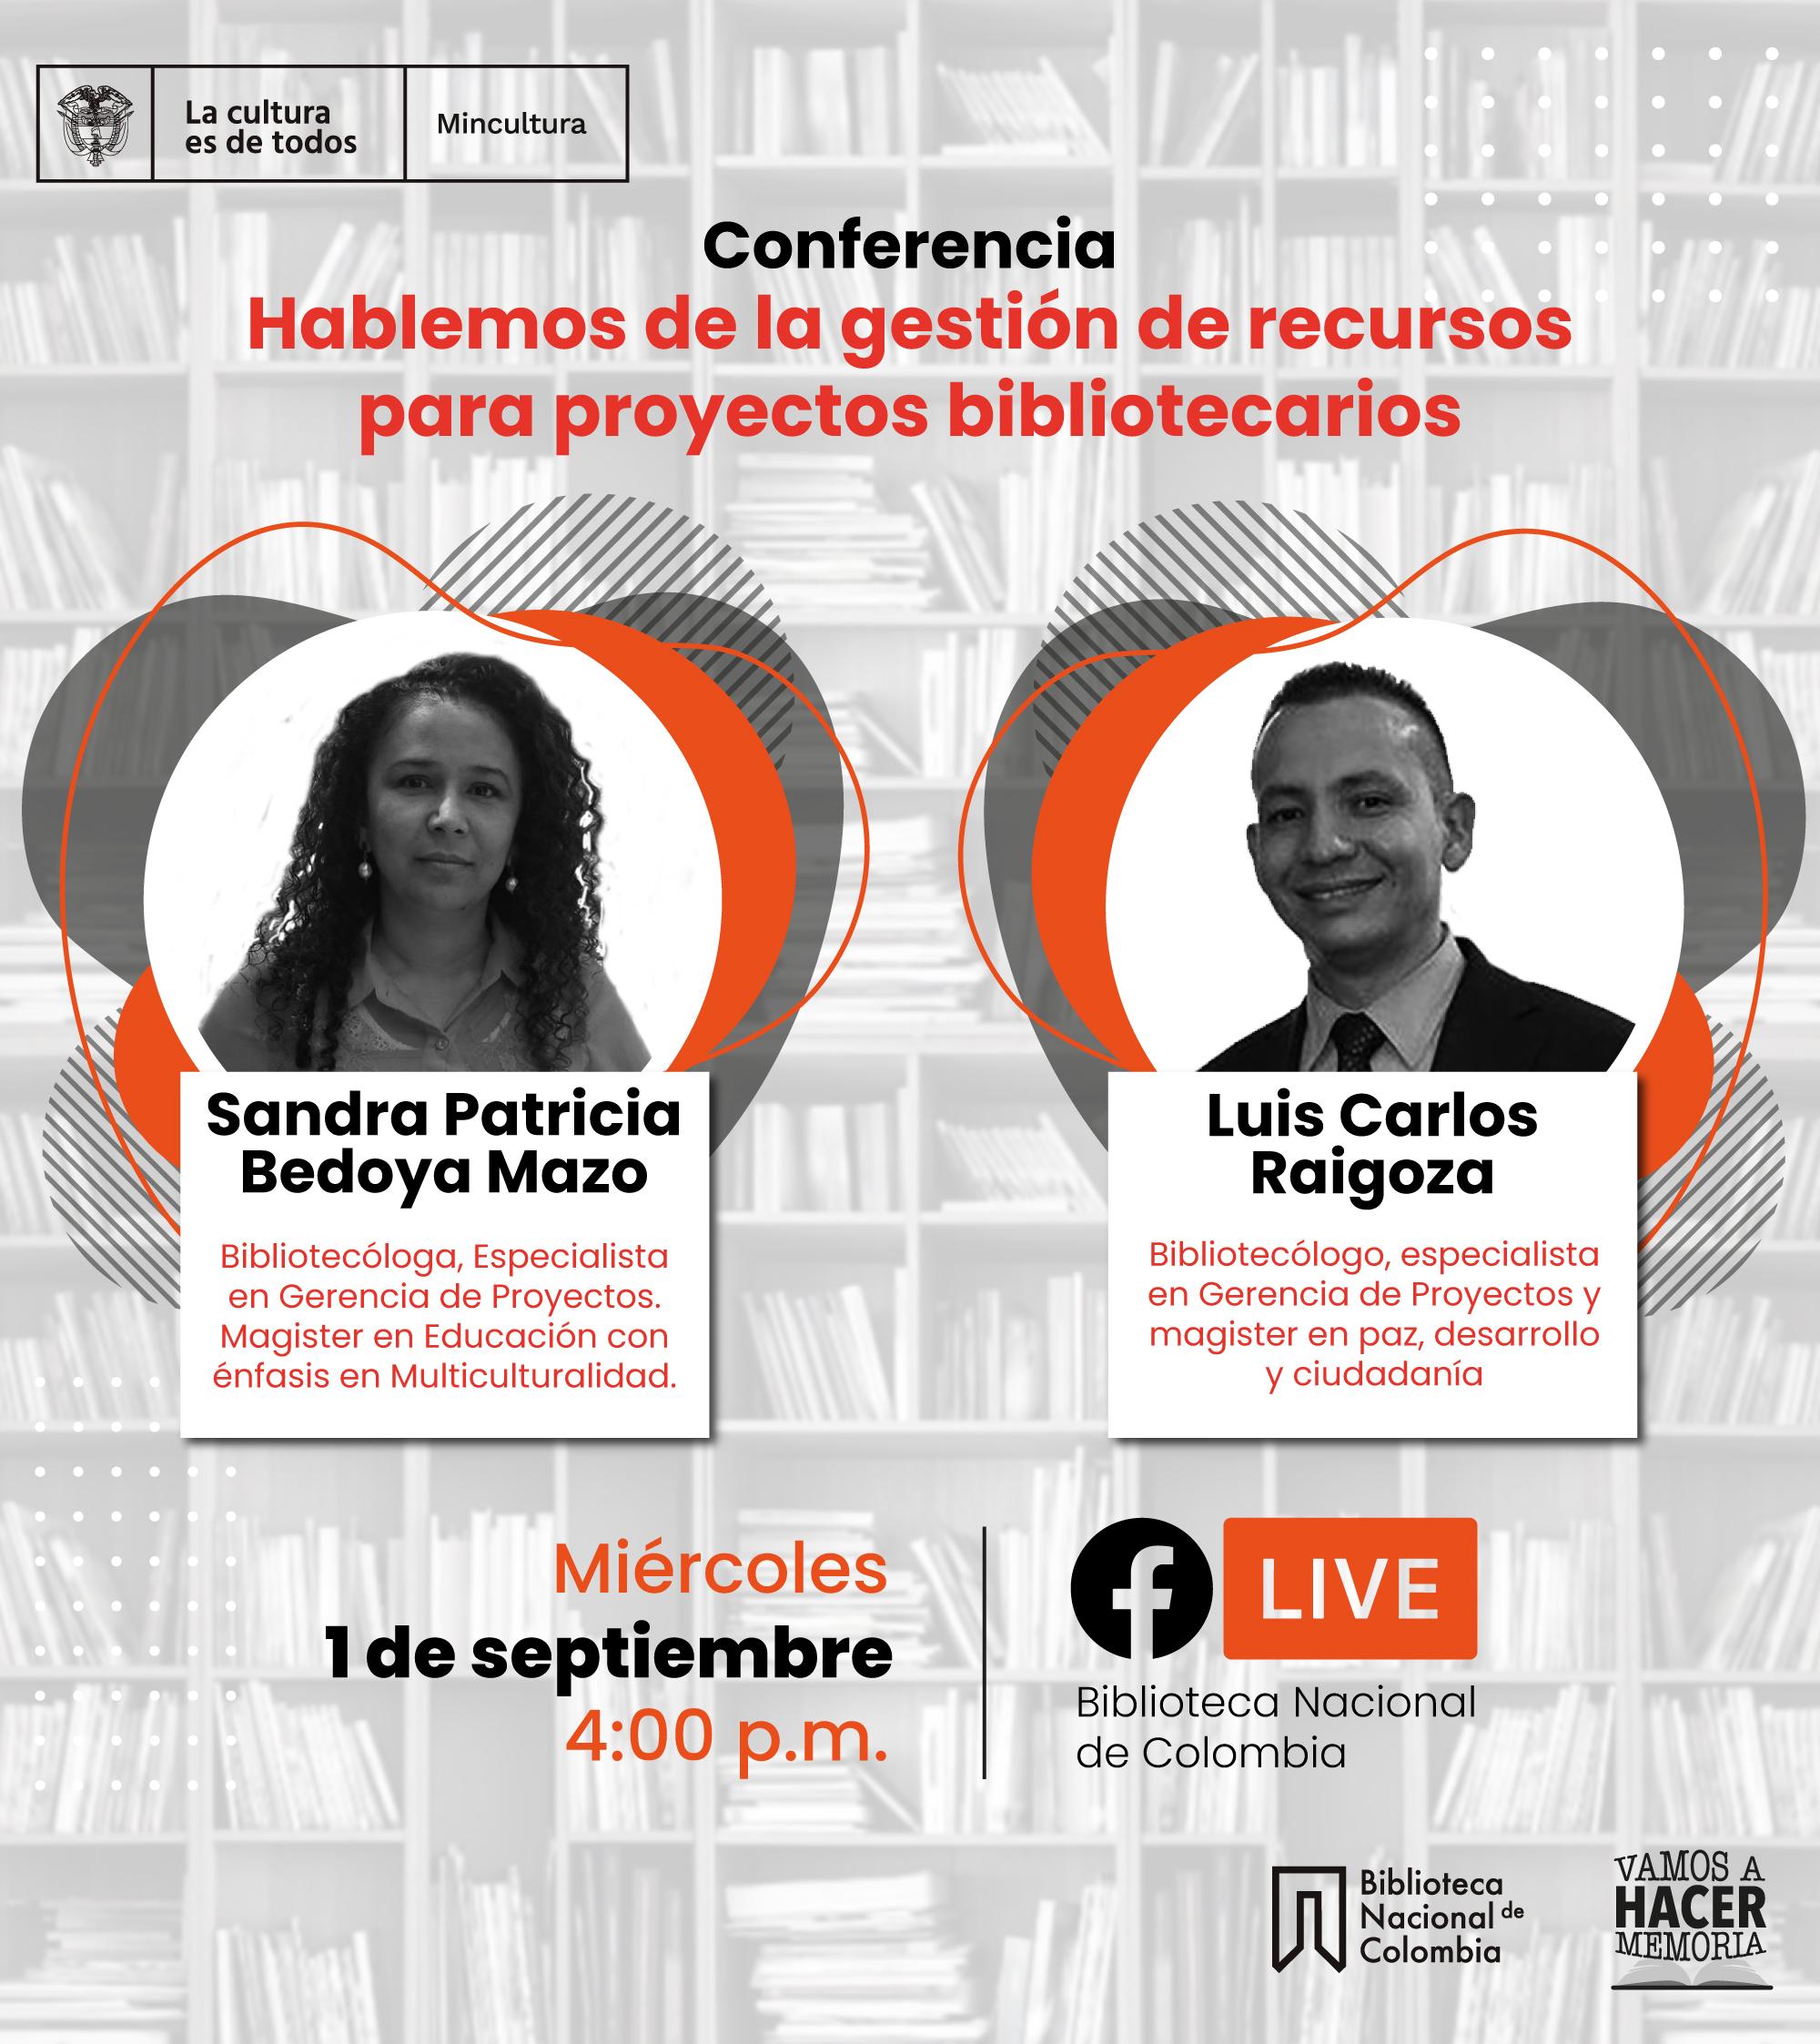 Conferencia sobre gestión de recursos para proyectos bibliotecarios